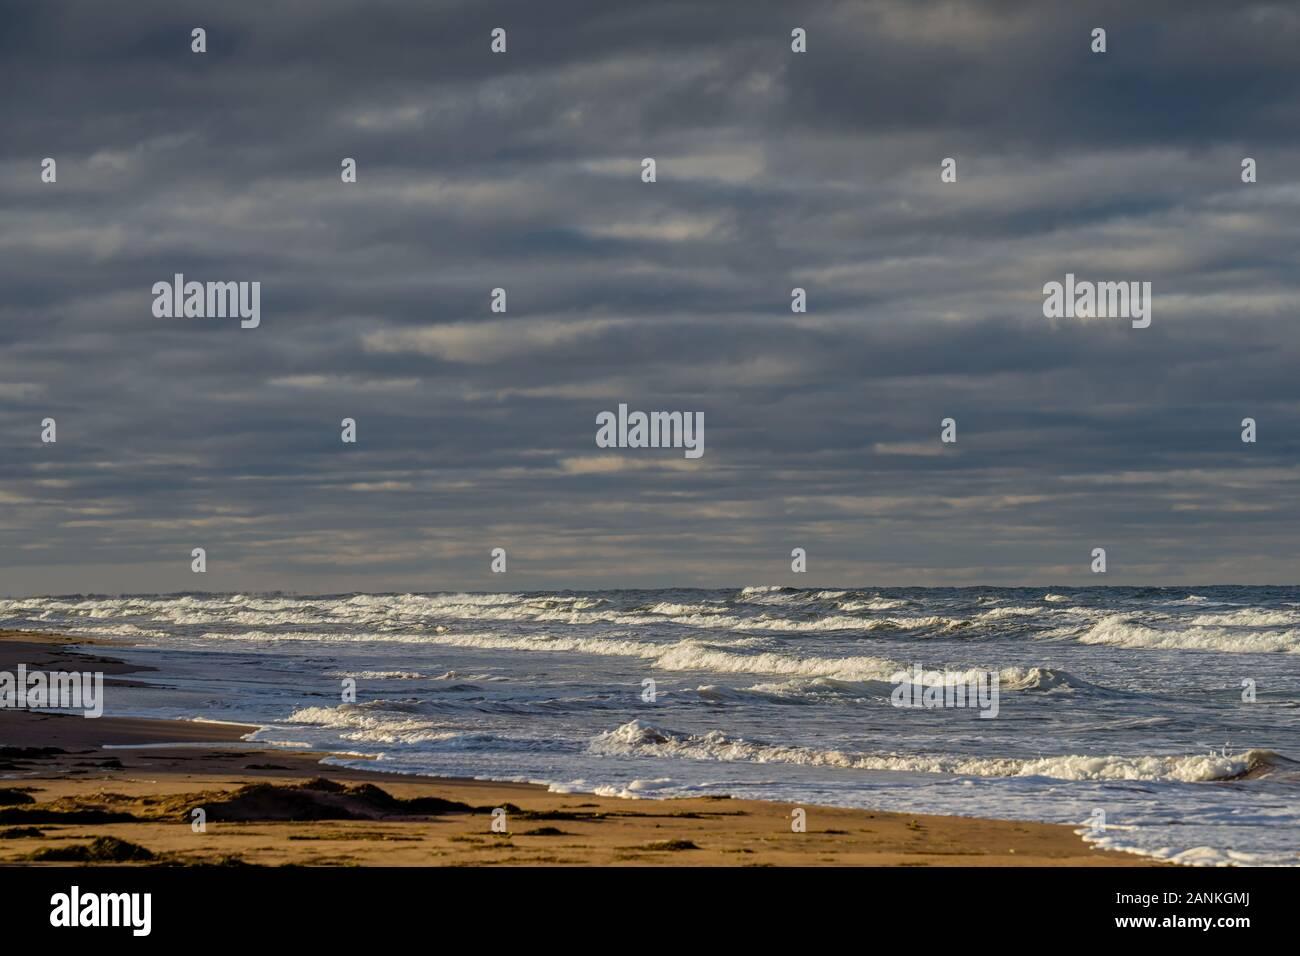 El mar embravecido rural a lo largo de las costas de la Isla del Príncipe Eduardo, Canadá. Foto de stock